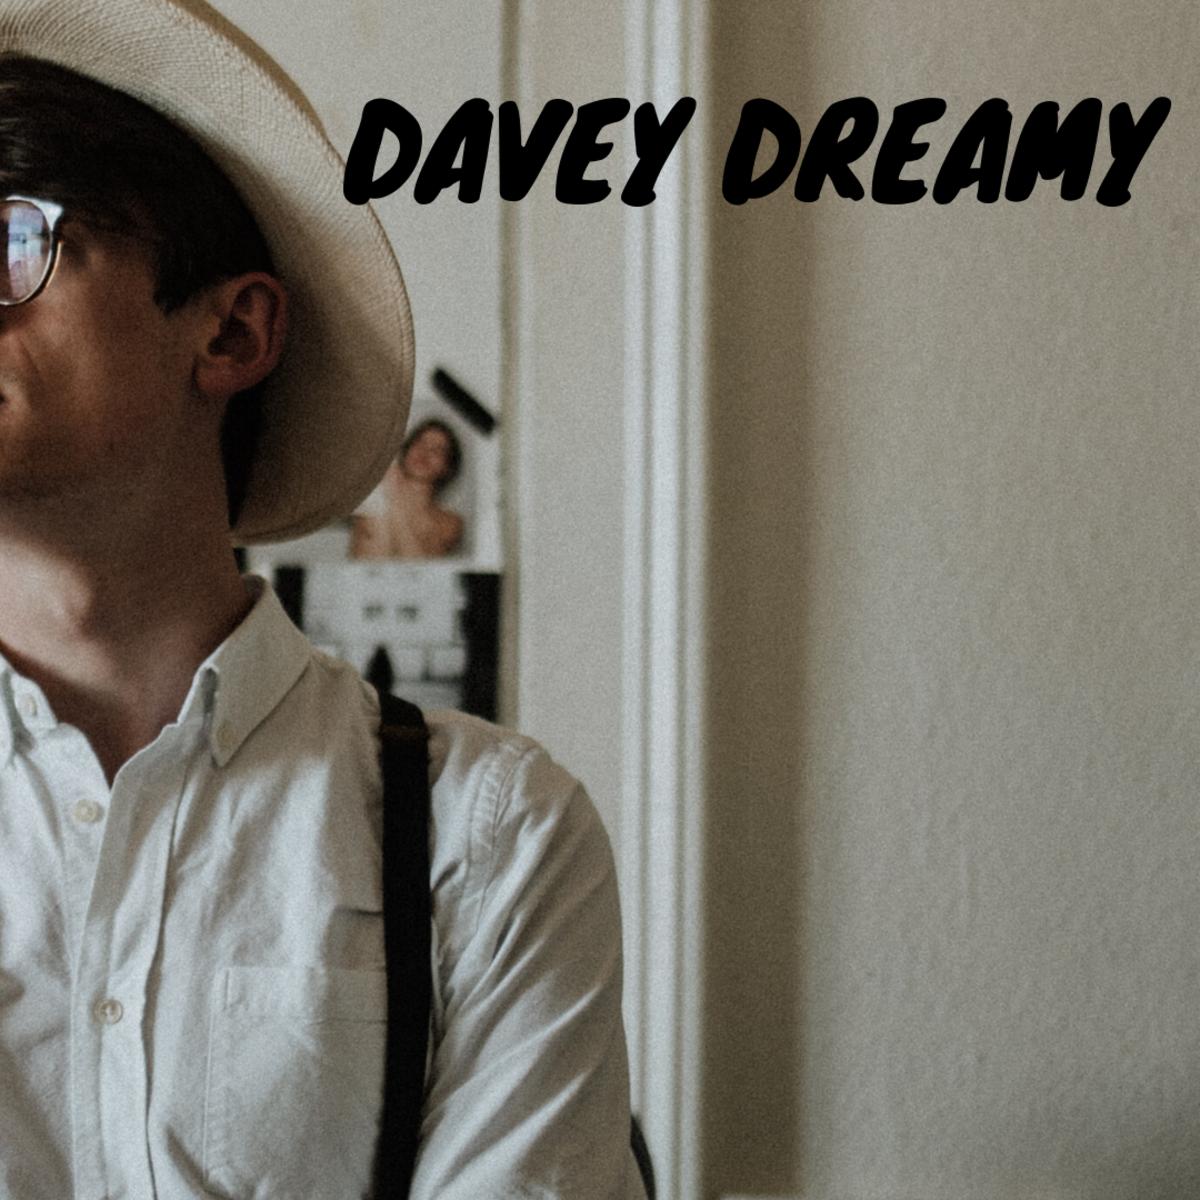 Davey Dreamy